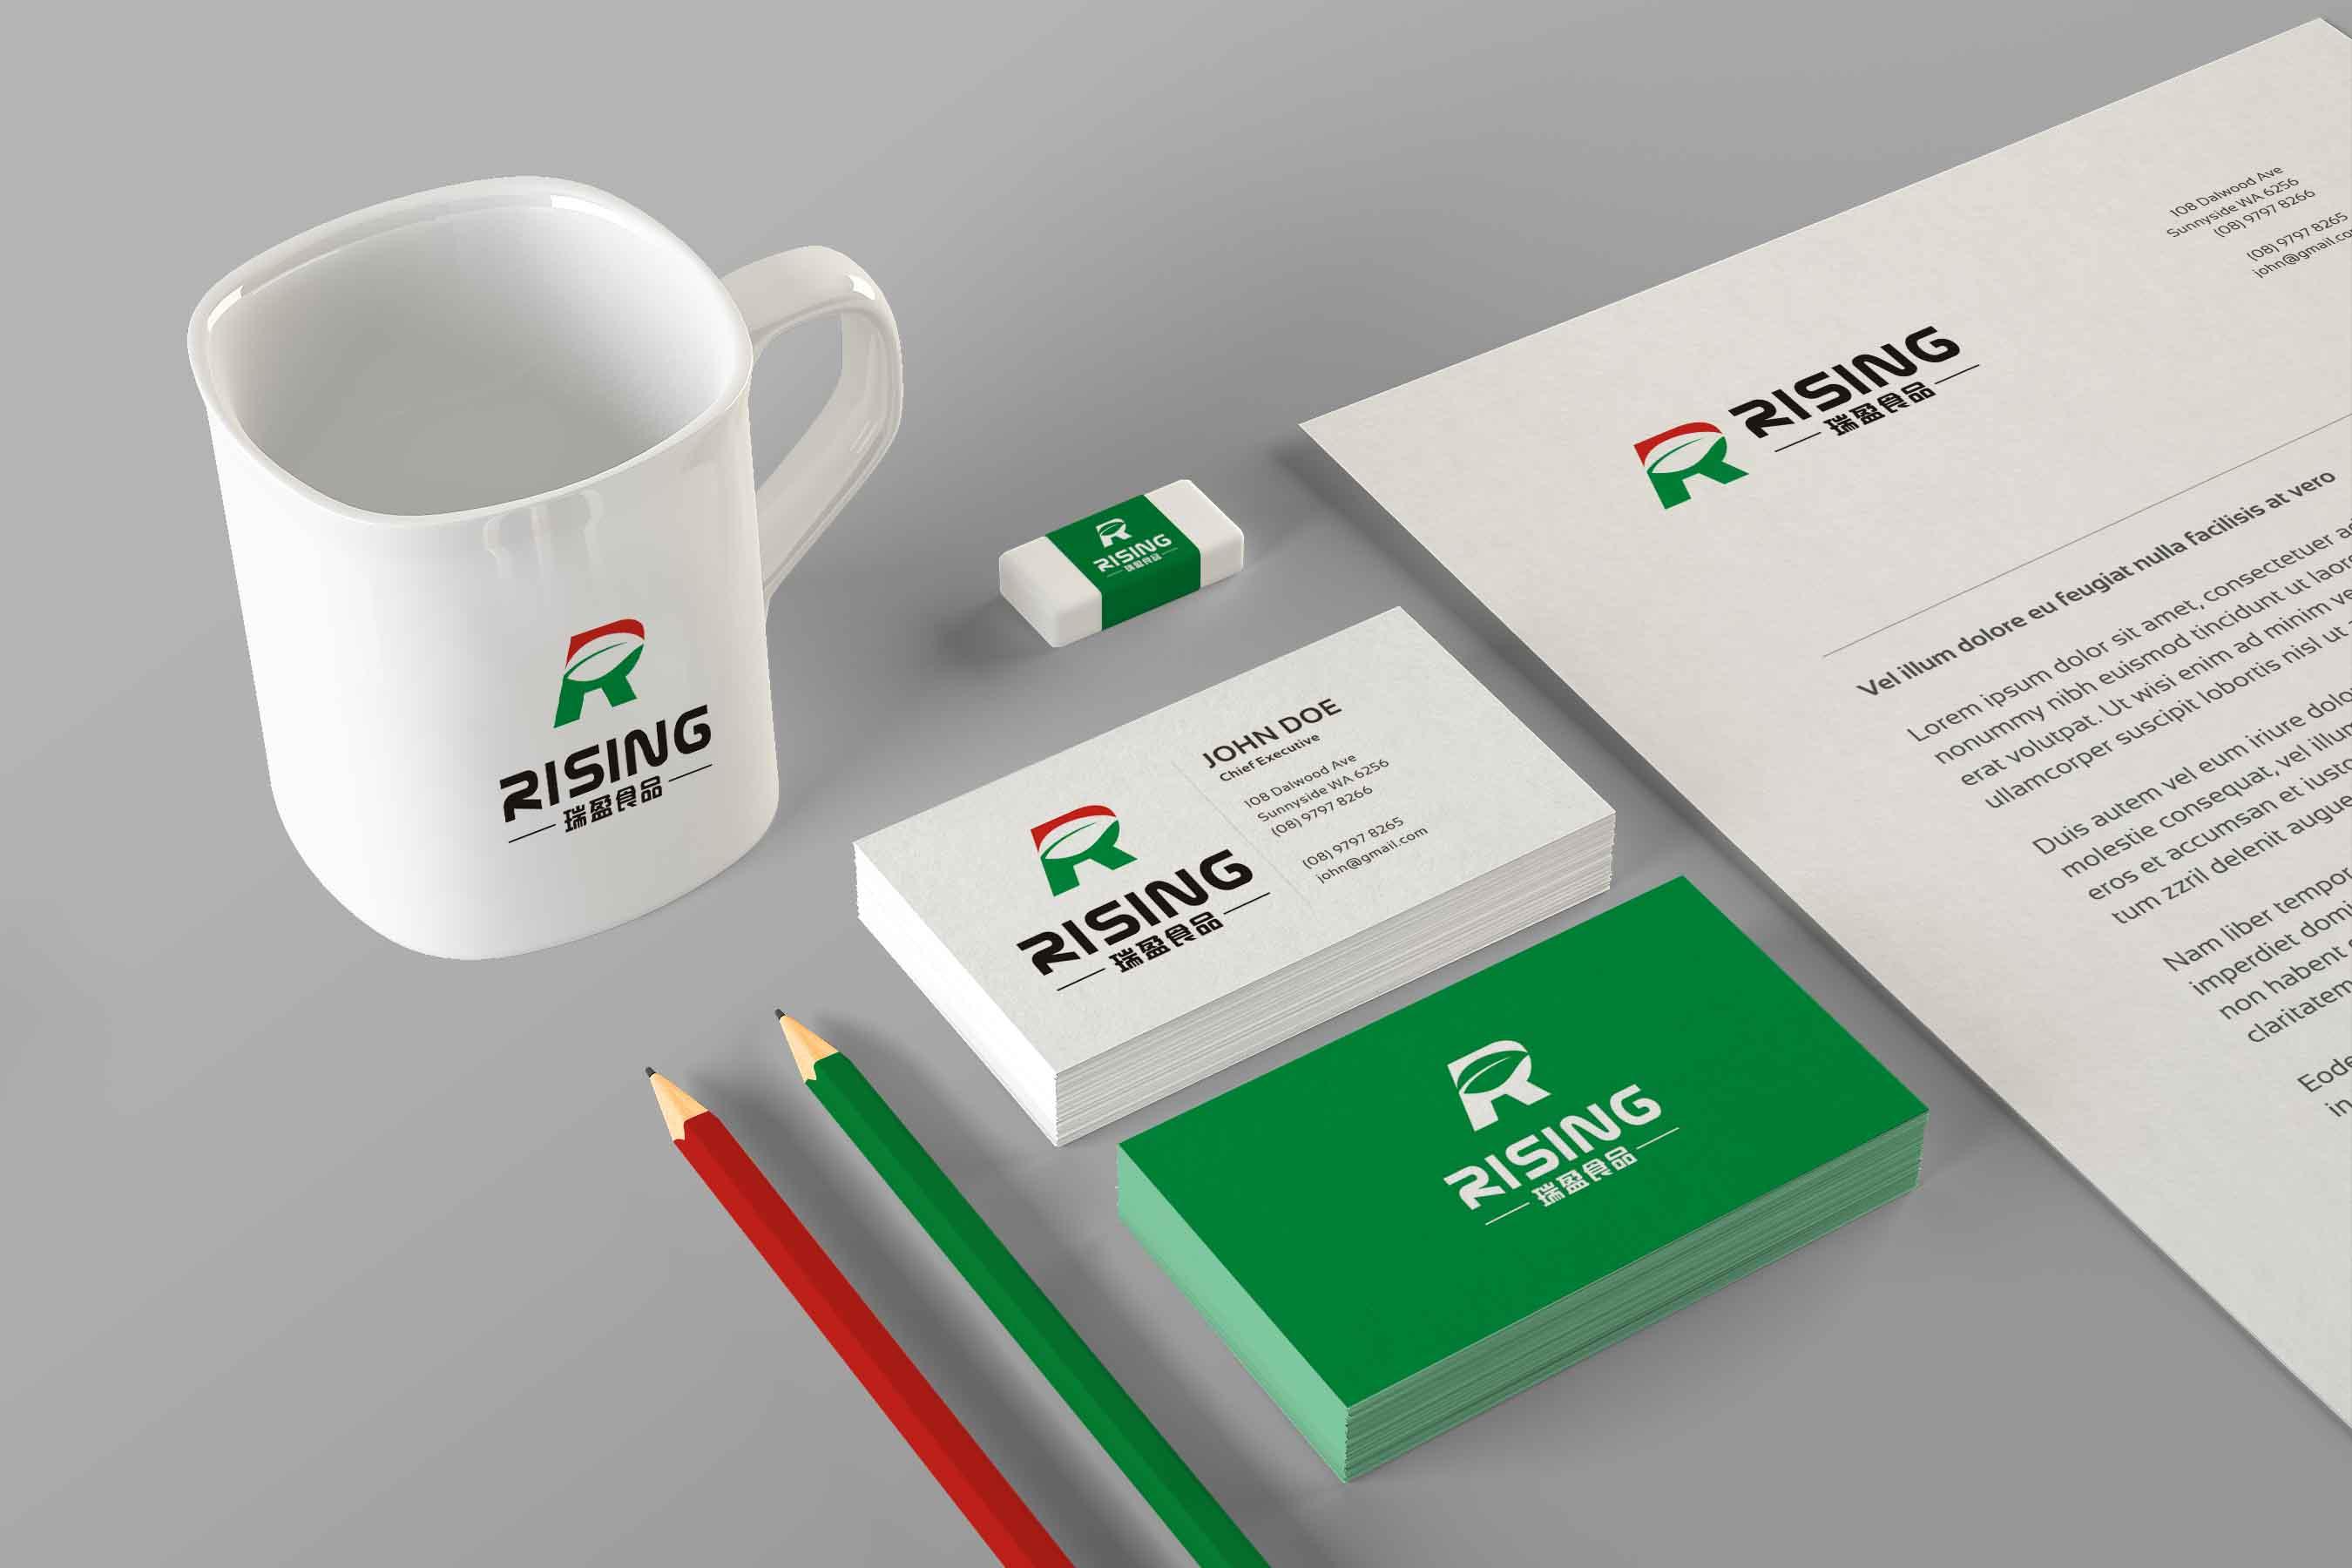 急!LOGO设计用于文件、名片和户外_2958556_k68威客网